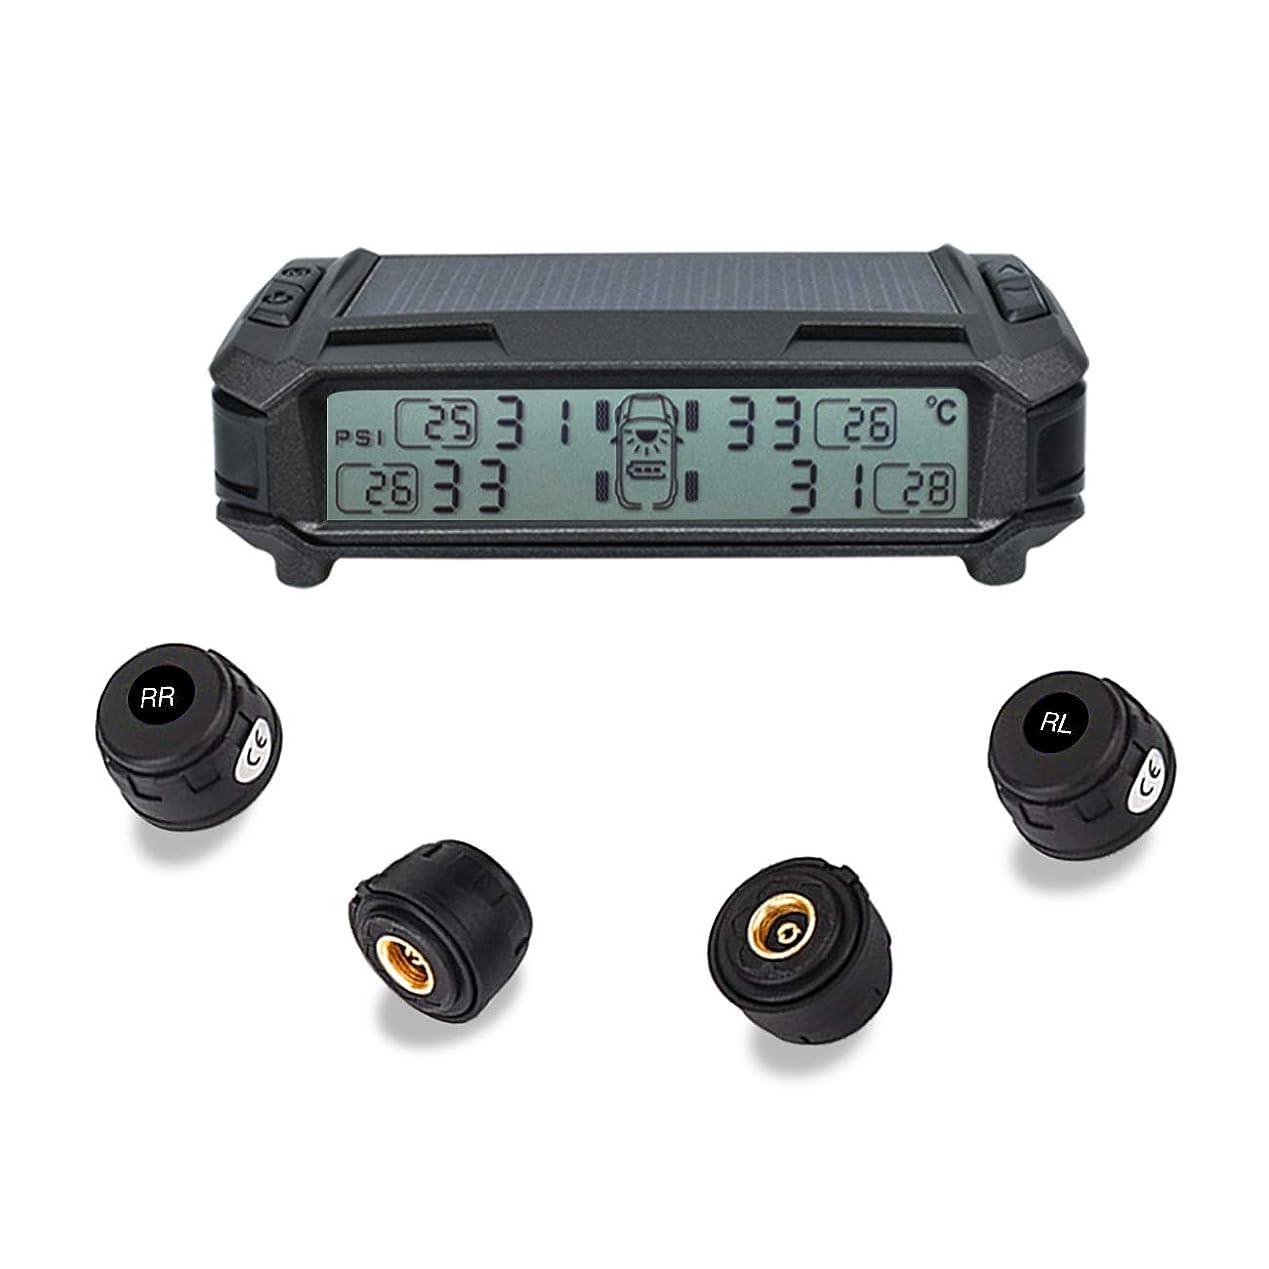 気まぐれな退院真剣にDEEWAZ ソーラー TPMS ワイヤレス タイヤ空気圧モニター 4 つの外部 センサー ユニバーサル リアルタイム LCD ディスプレイ 付きタイヤ空気圧モニターシステム 4 タイヤの圧力および 温度モニター 自動安全警告車TPMS